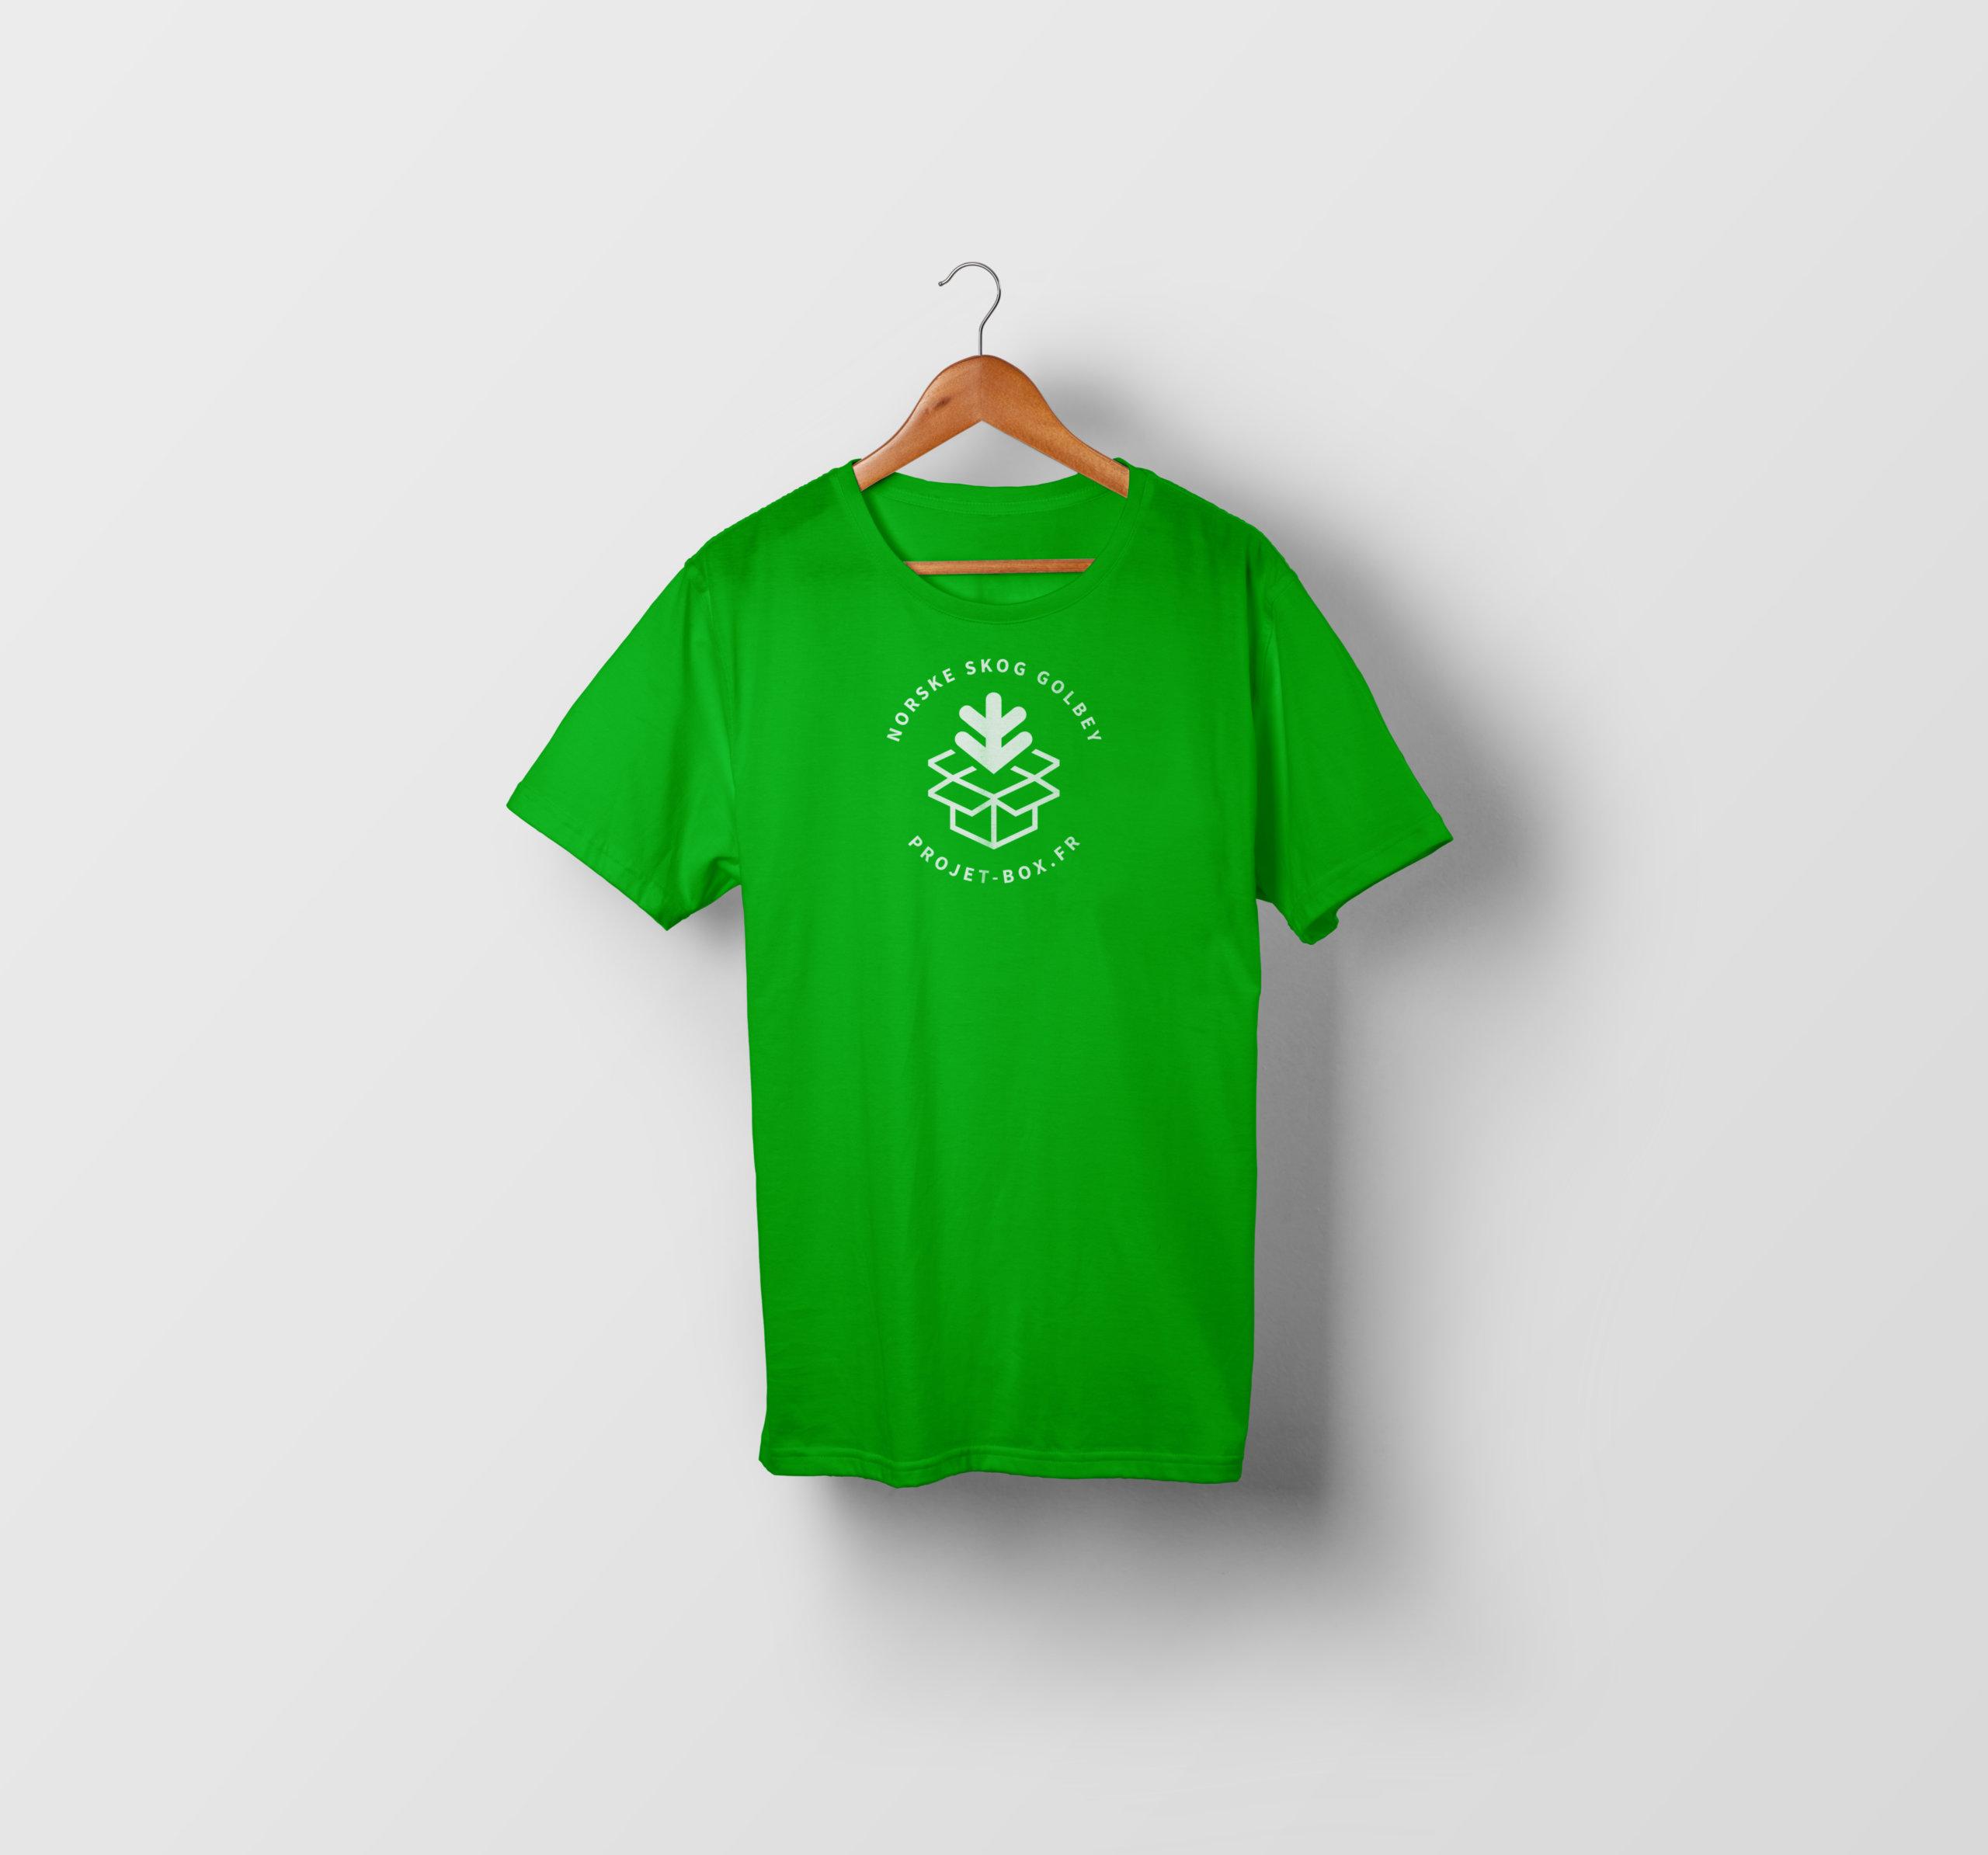 lezardscreation agence communication publicite vosges remiremont norske skog norske skog tshirt piste